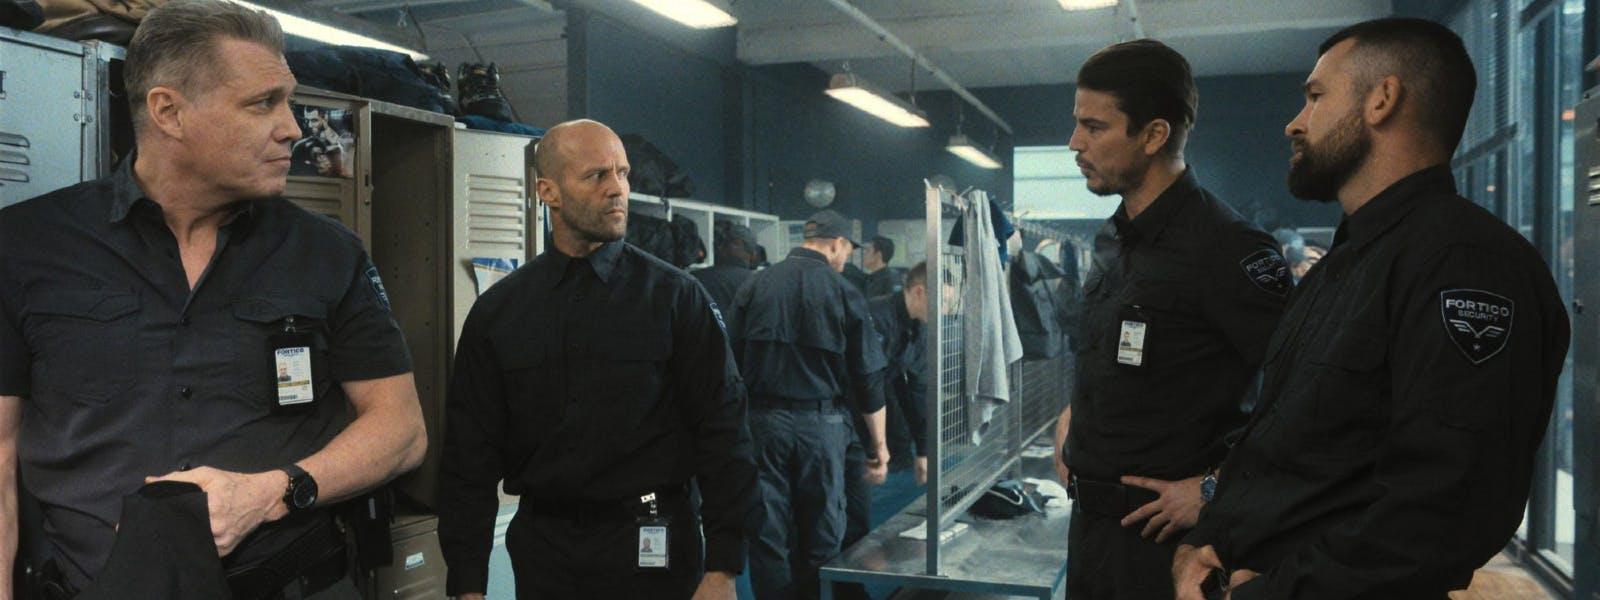 Så bra är Statham i Guy Richies nya film!